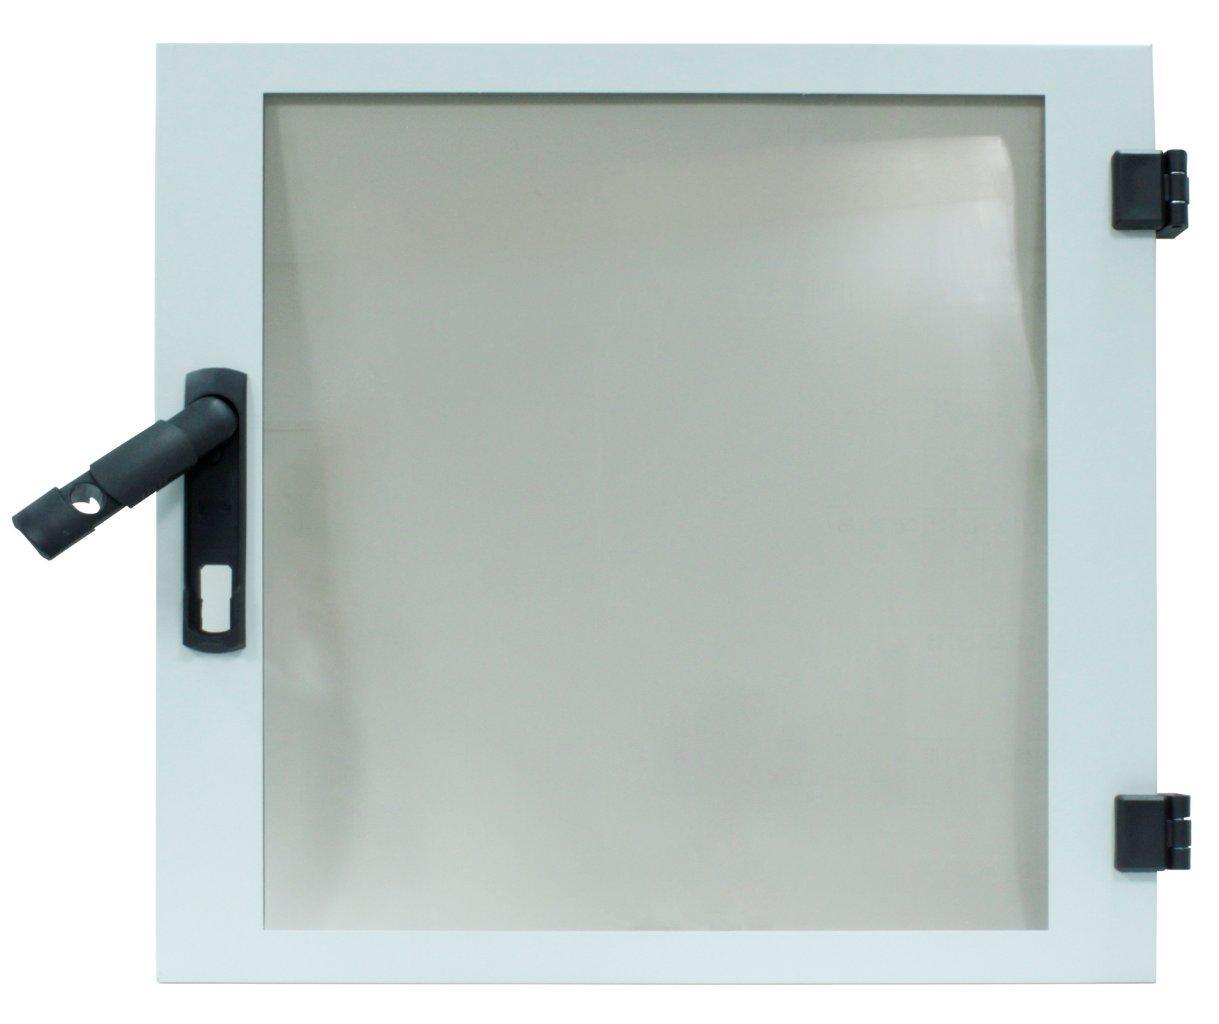 1 Stk Glas-Tür für DW-Schrank 15HE, B600, RAL7035, HZ-Vorbereitung DWRT1567--